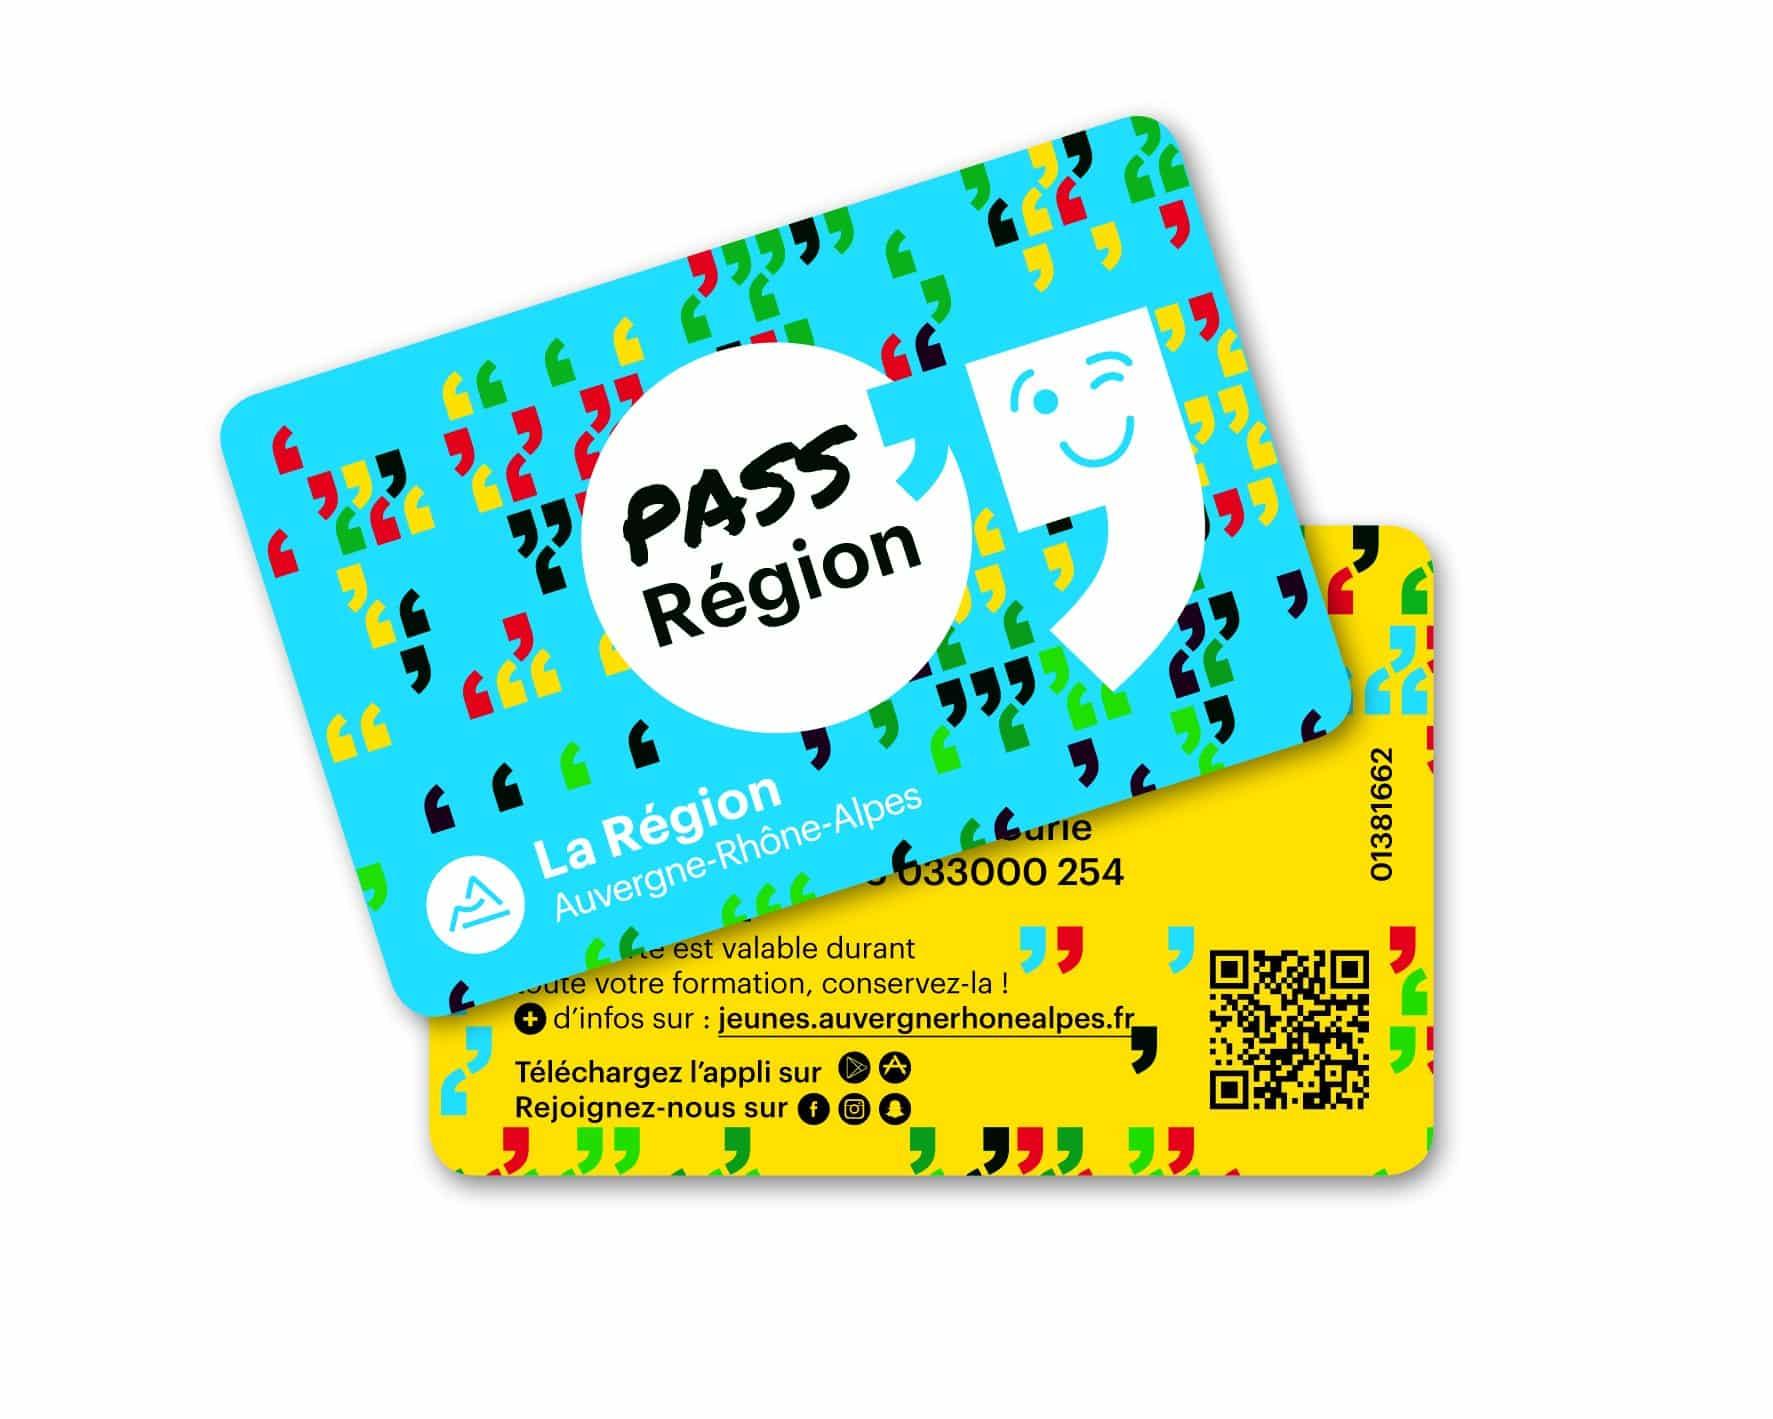 Devenez club partenaire du nouveau Pass'Région